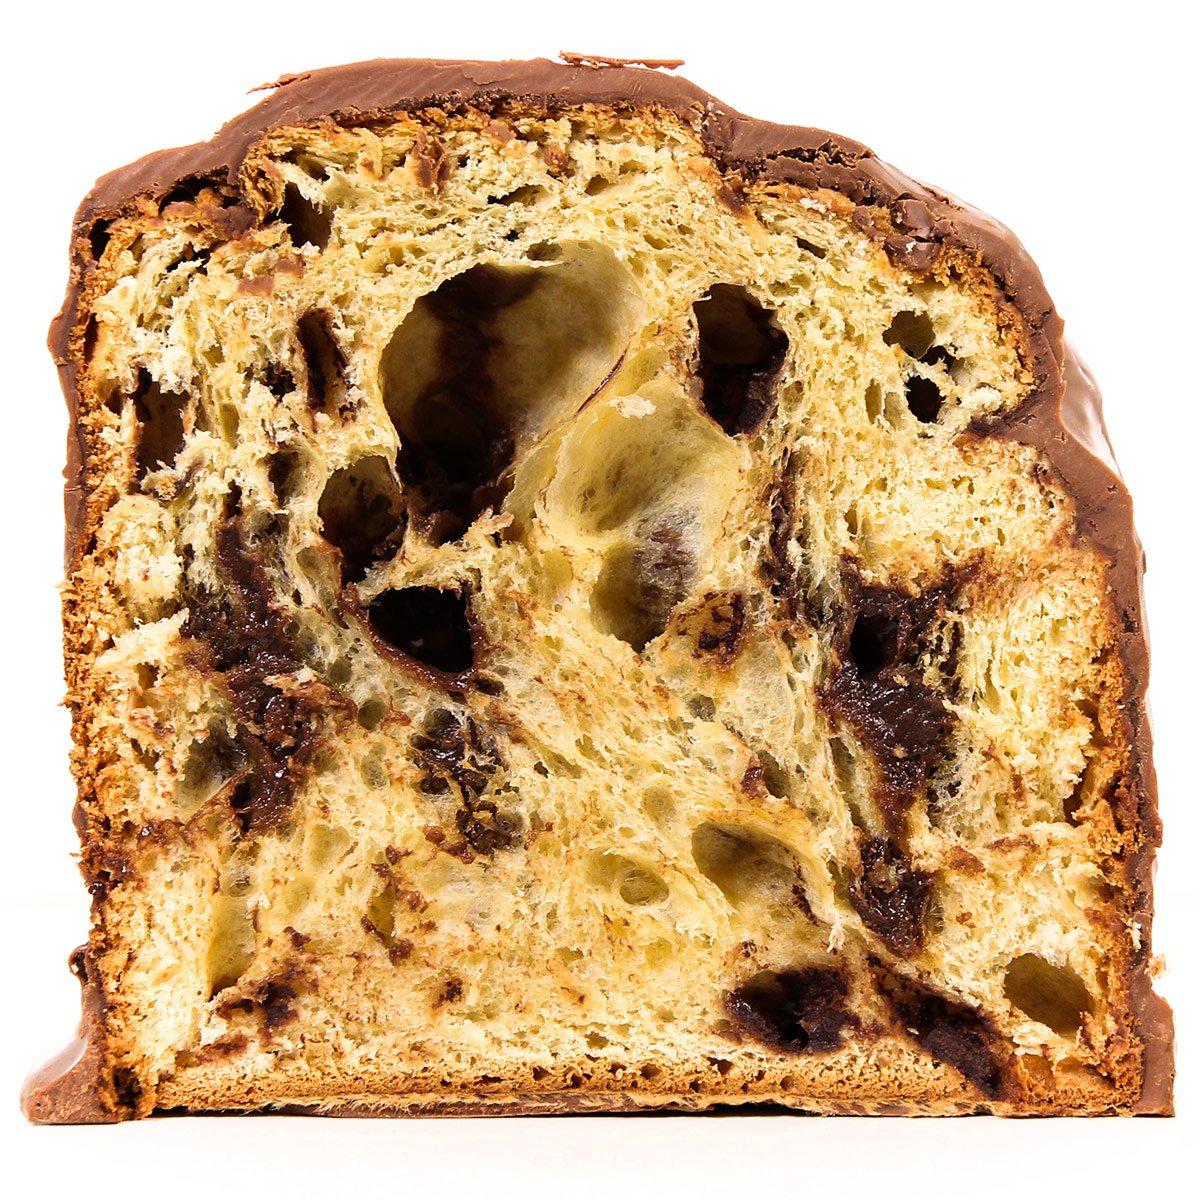 Panettone Ovomaltine Chocolates Brasil Cacau cortado no meio mostrando o interior.